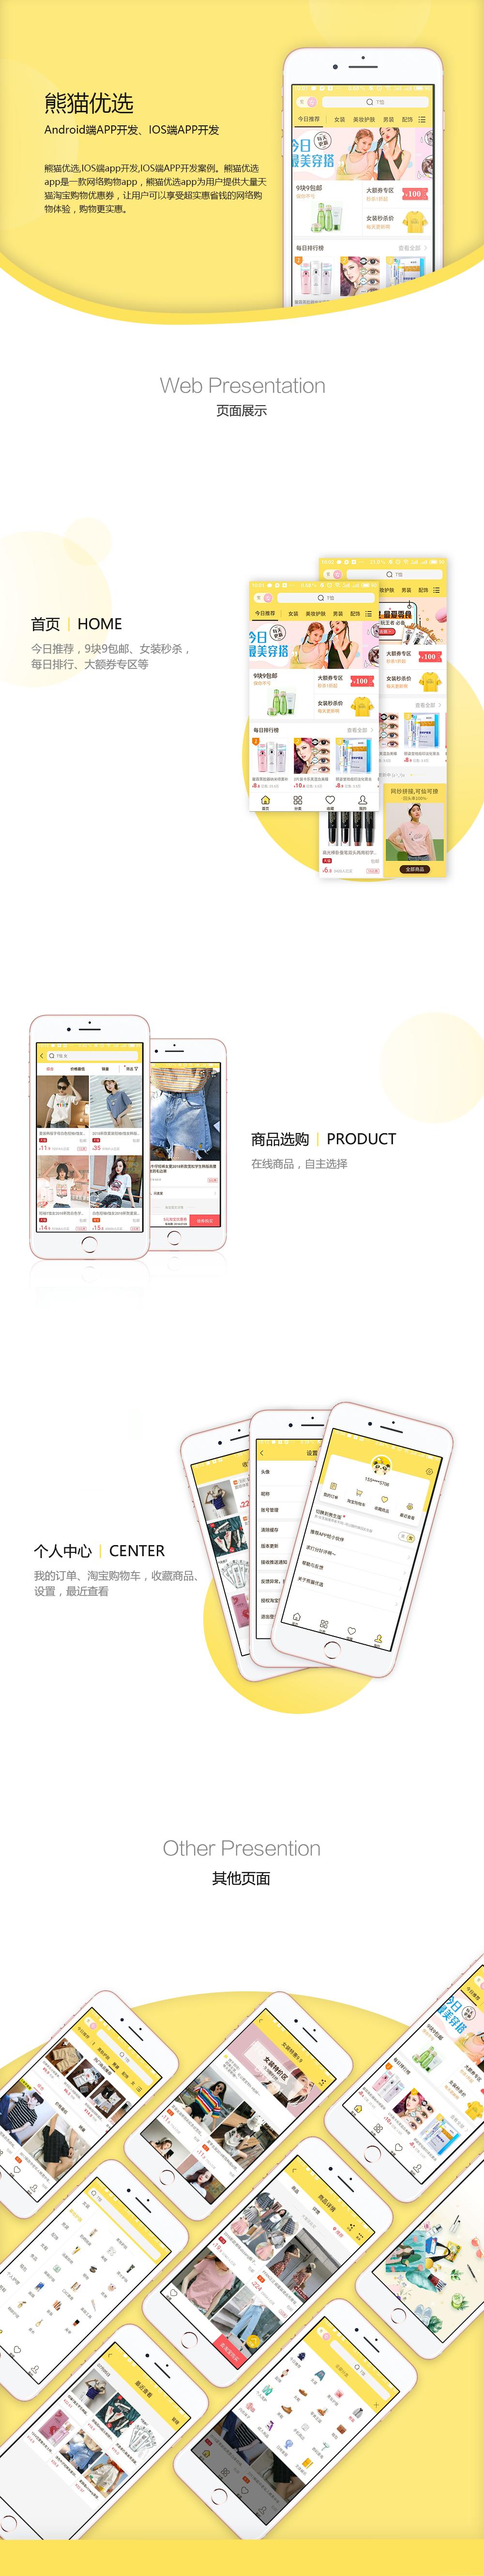 购物APP,IOS端app开发,IOS端APP开发案例,app开发案例